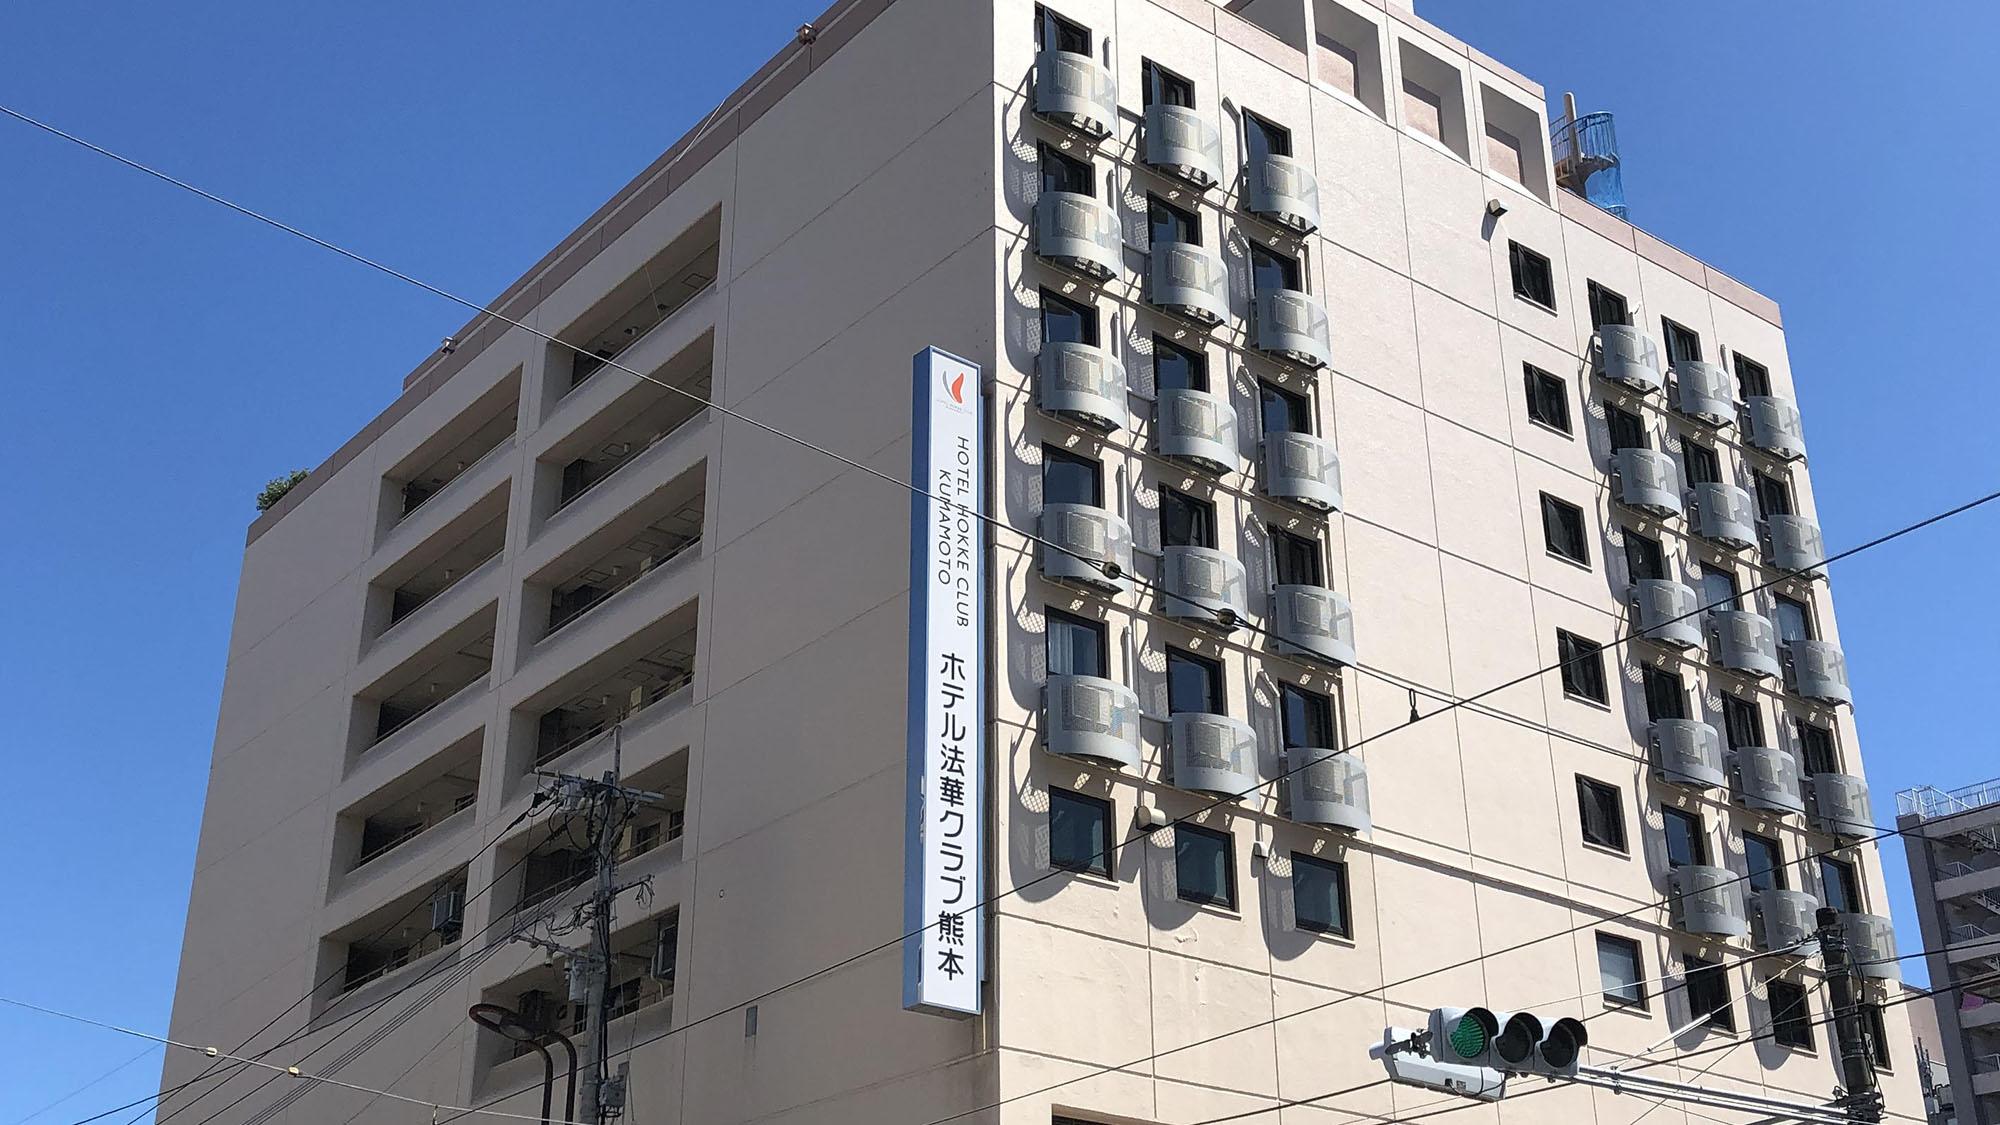 ホテル法華クラブ熊本 image